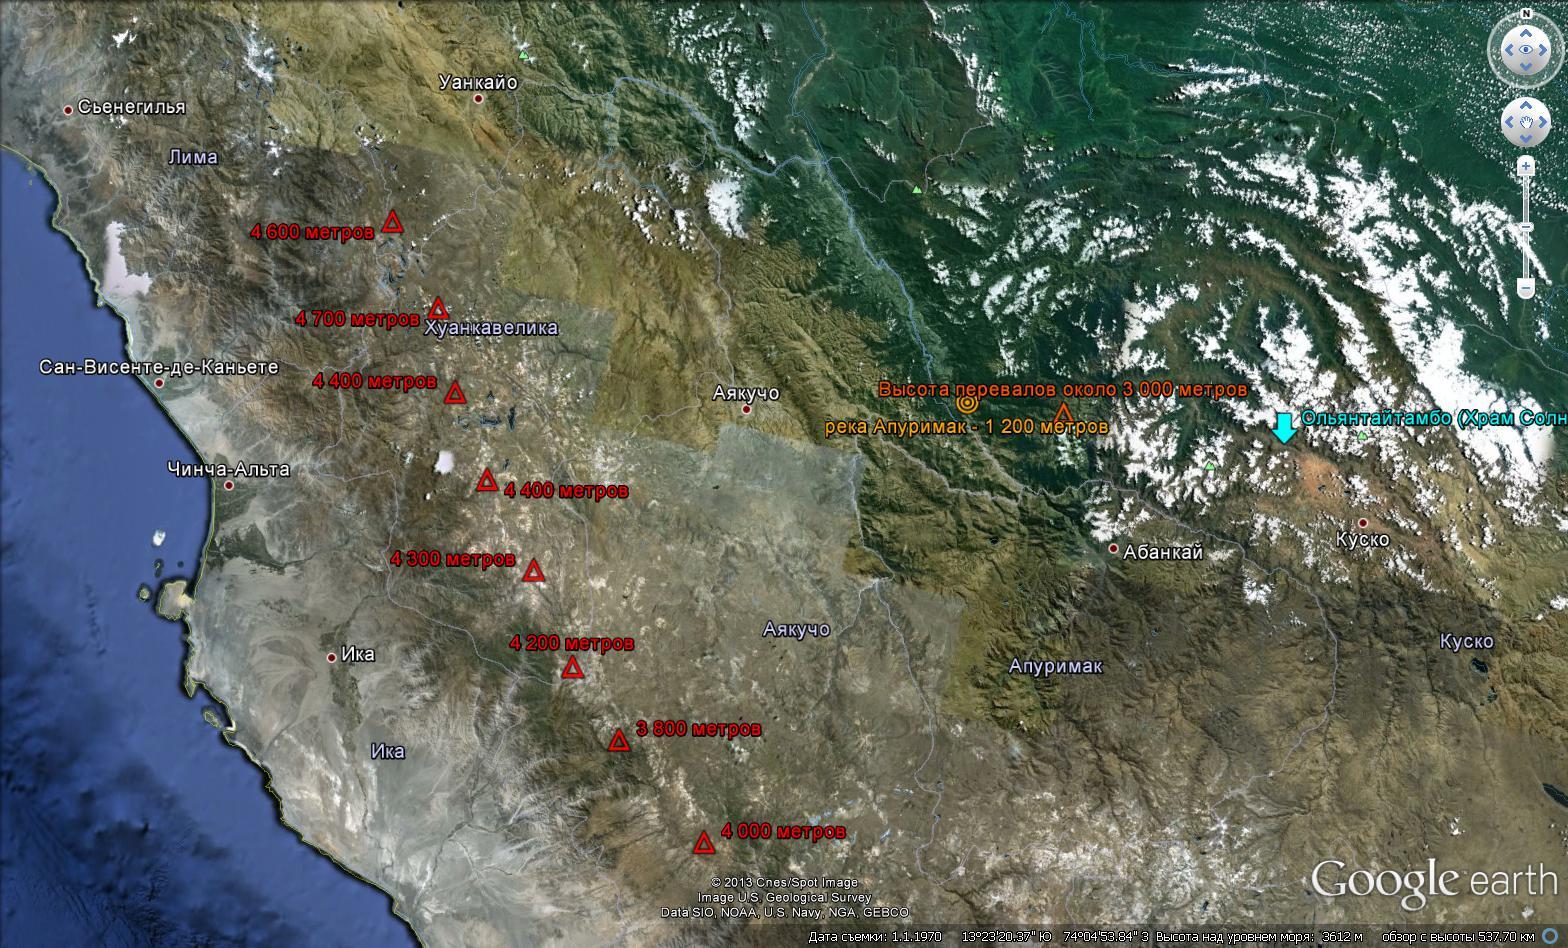 Топография от Тихого океана, через Анды, до археологического комплекса Ольянтайтамбо